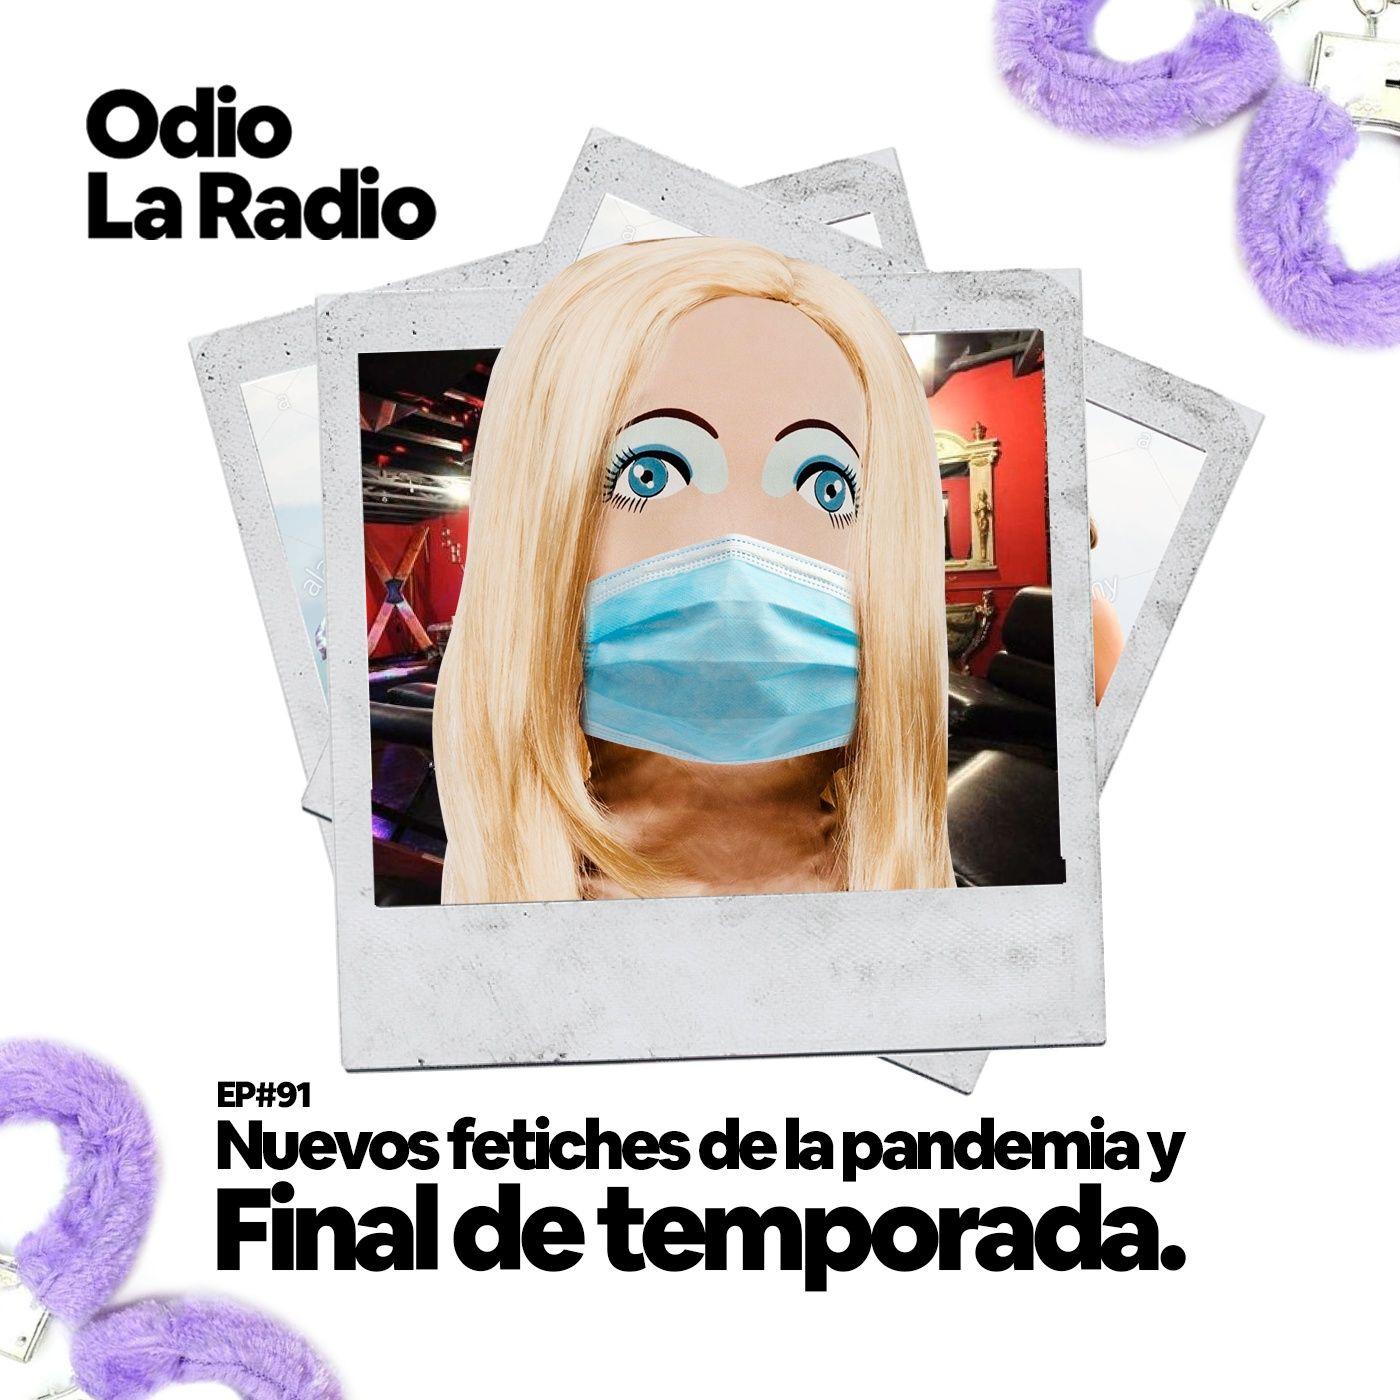 EP#91 - Nuevos fetiches de la pandemia y final de temporada.